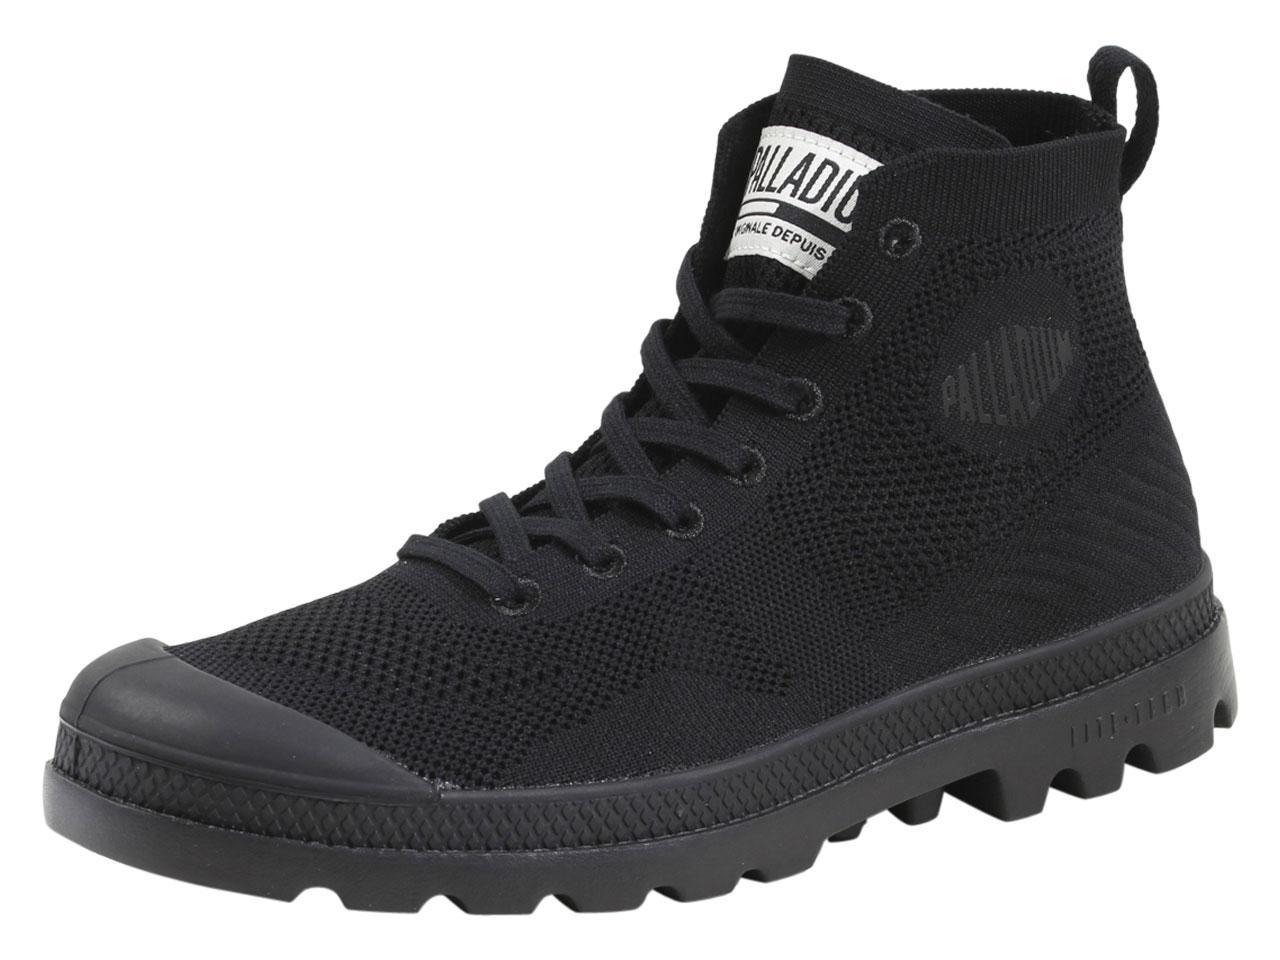 Image of Palladium Men's Pampa Hi Lite Knit Boots Shoes - Black - 11 D(M) US/12.5 B(M) US